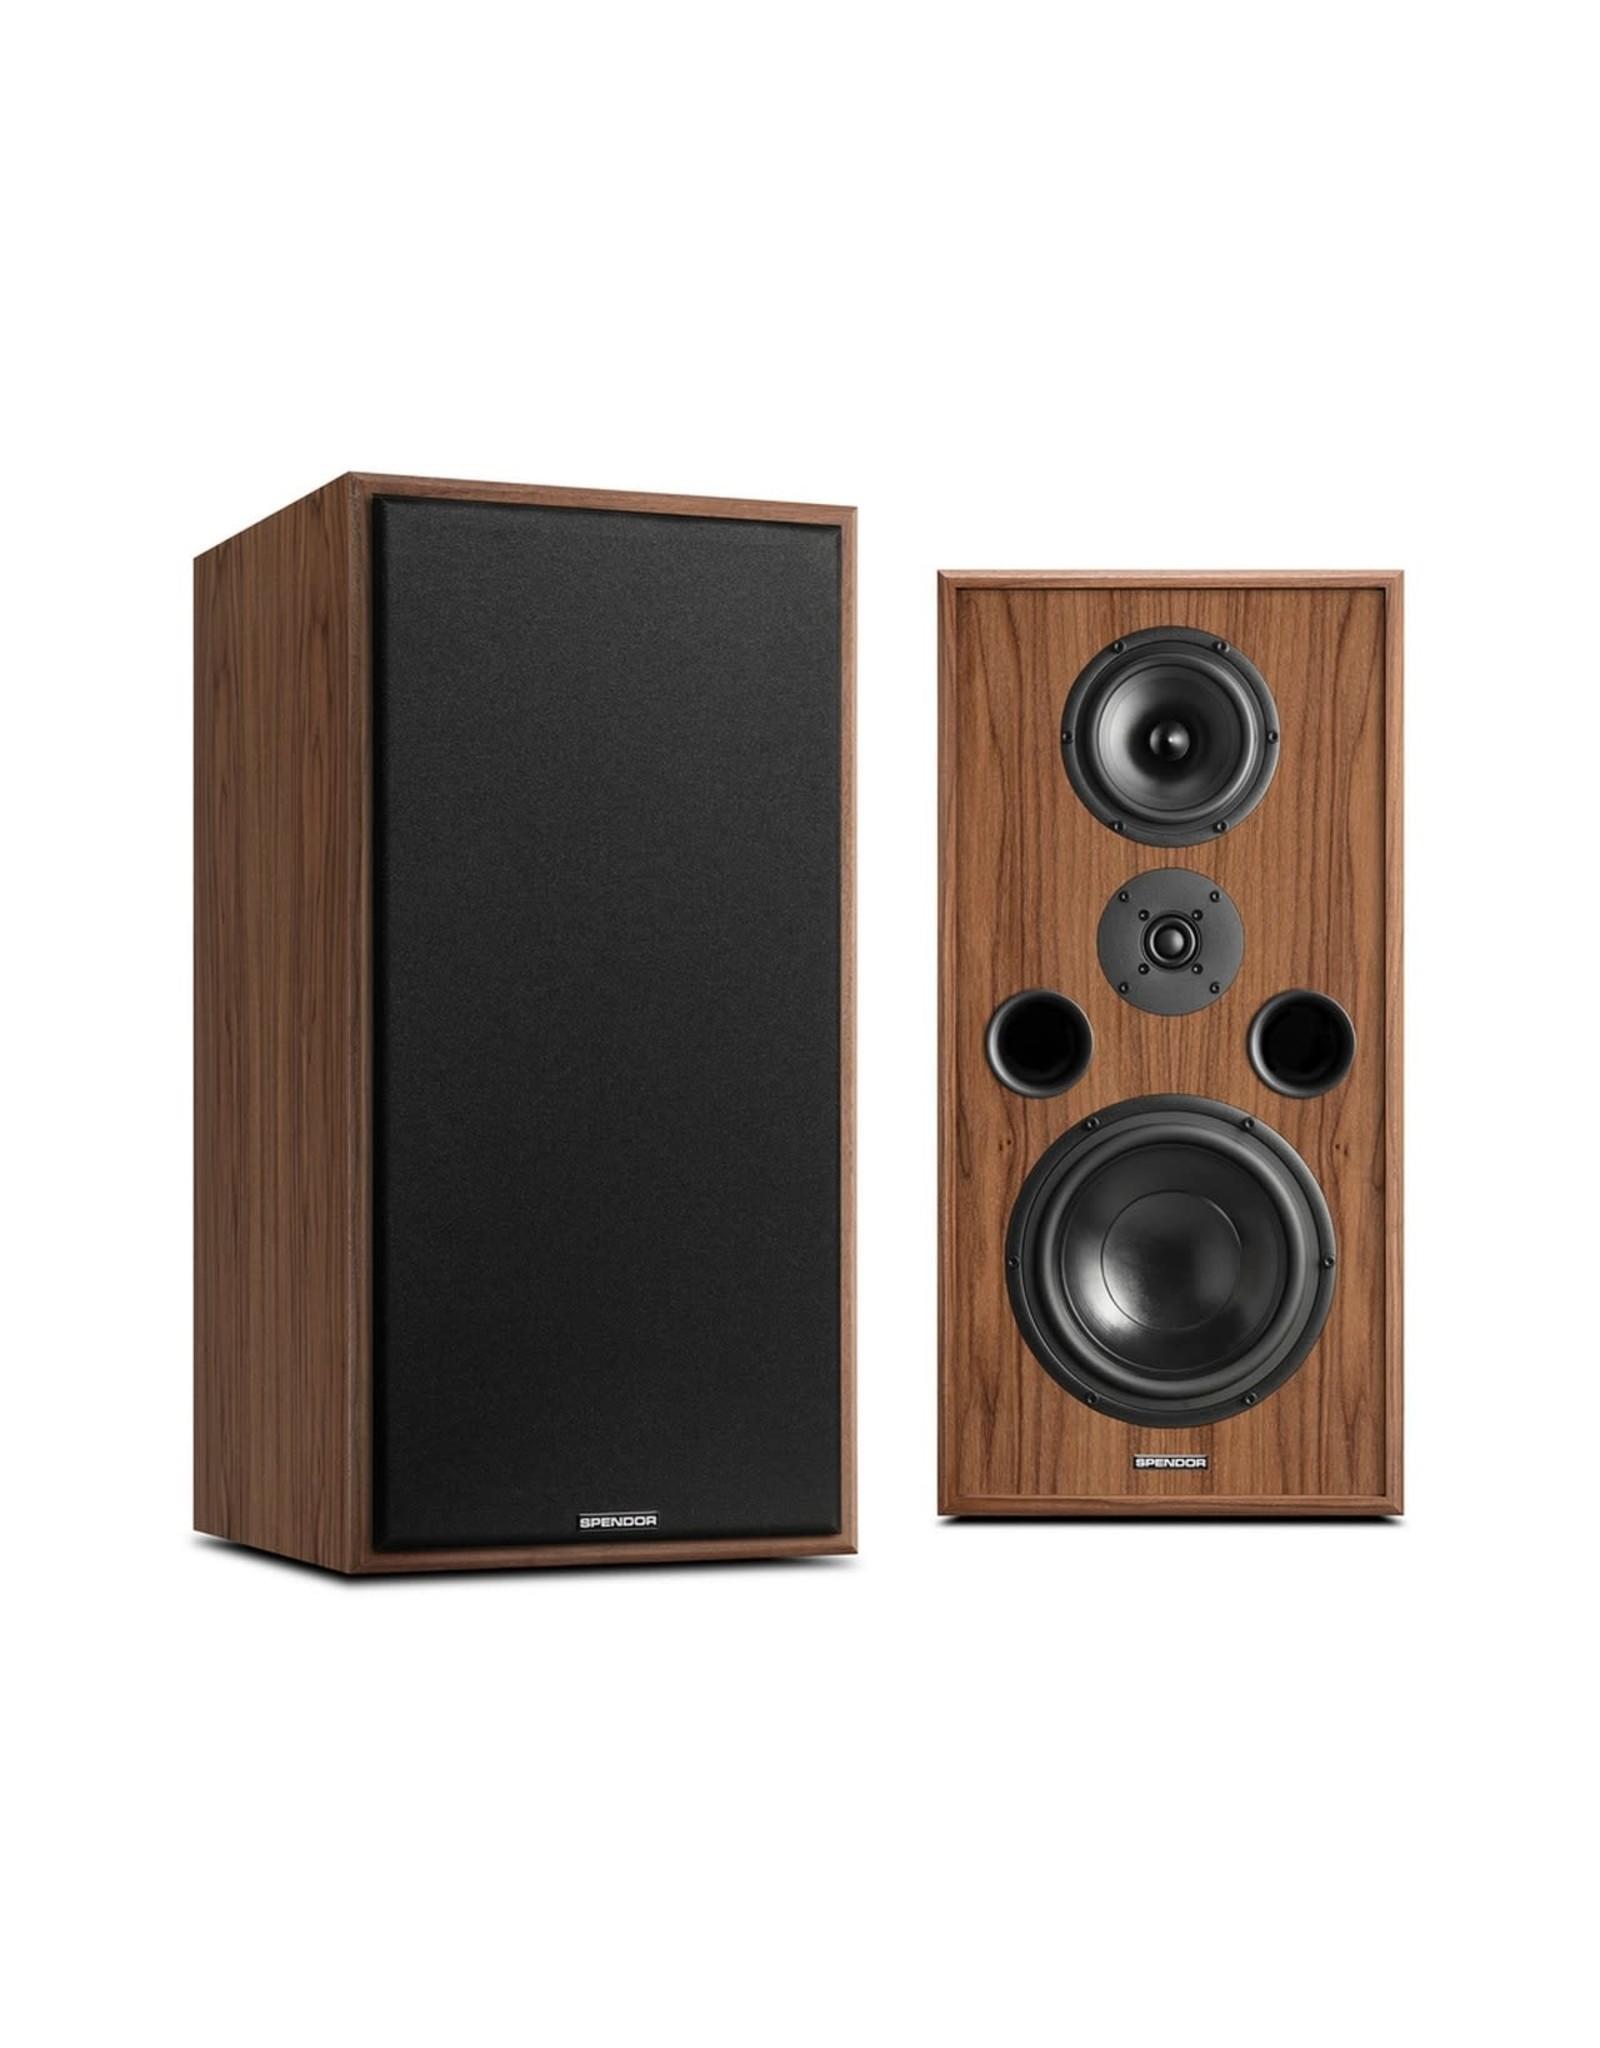 Spendor Spendor Classic 1/2 Standmount Loudspeakers